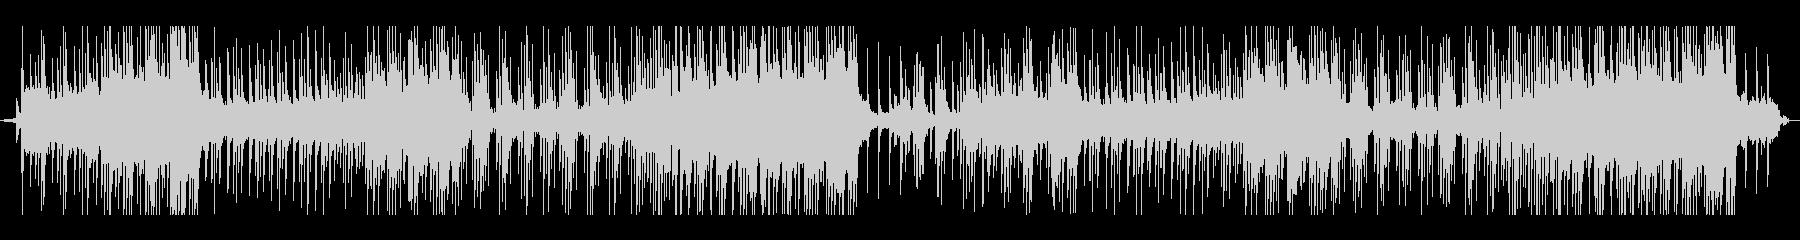 ベル音で軽快なサウンドトラックの未再生の波形